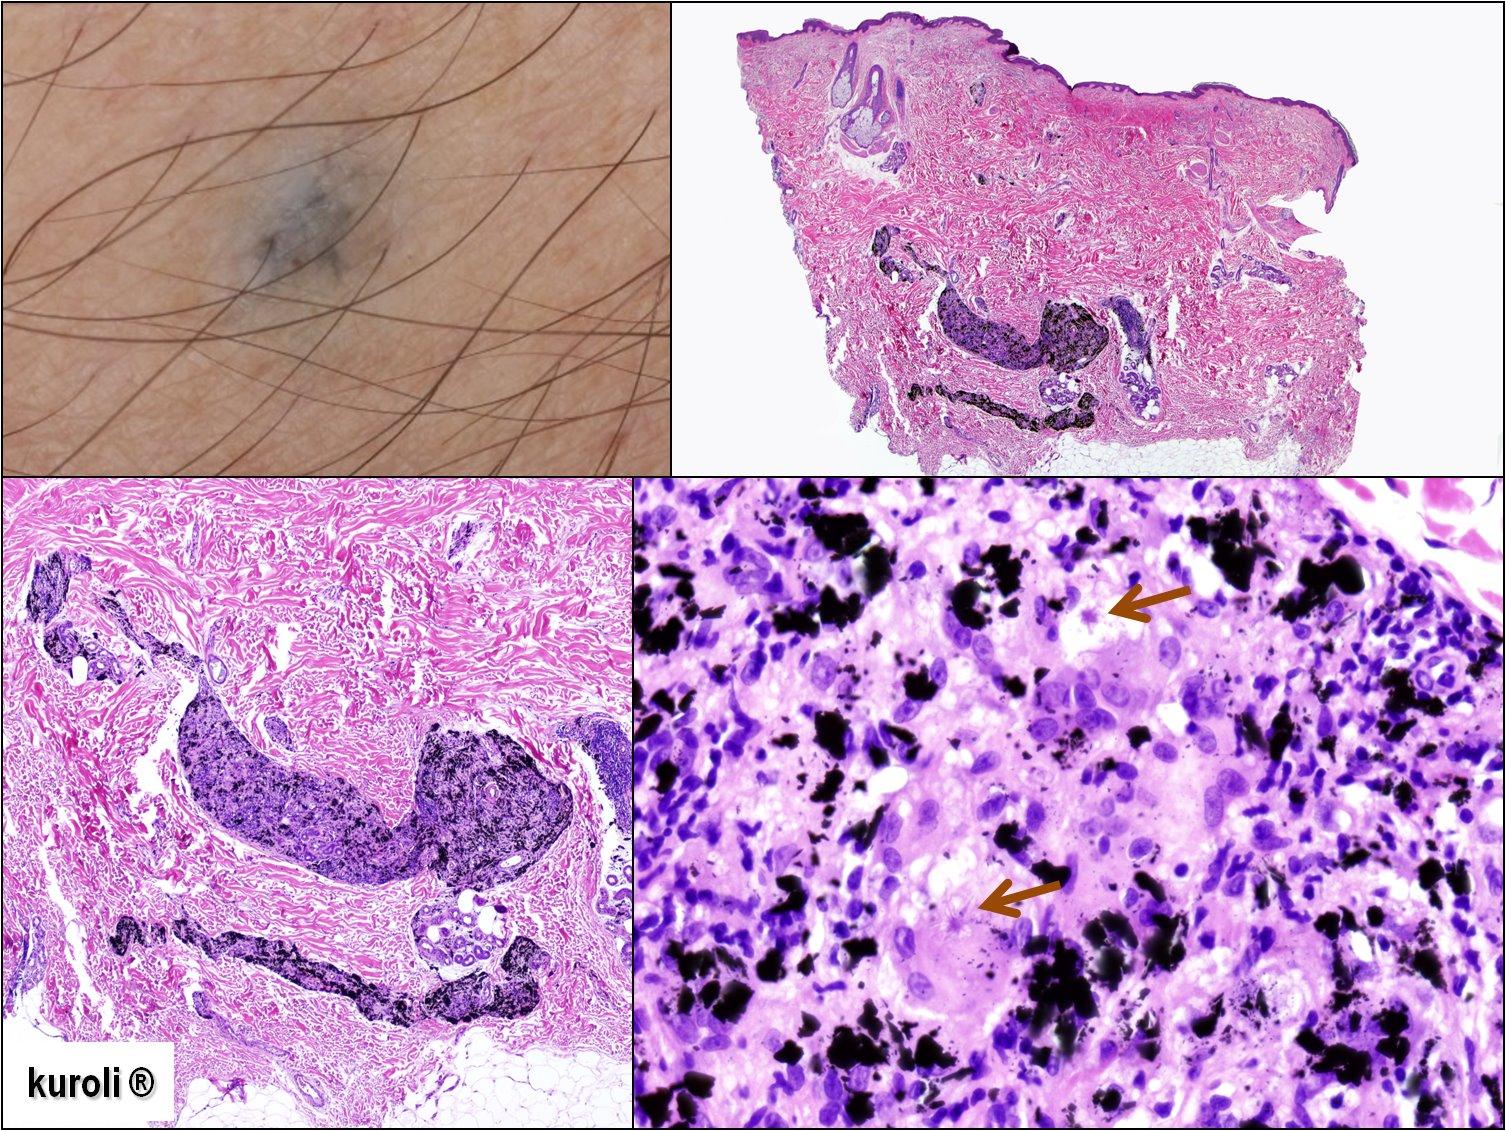 szabálytalan papillomatosis acanthosis hogyan lehet megnyugtatni a pinwormák viszketését